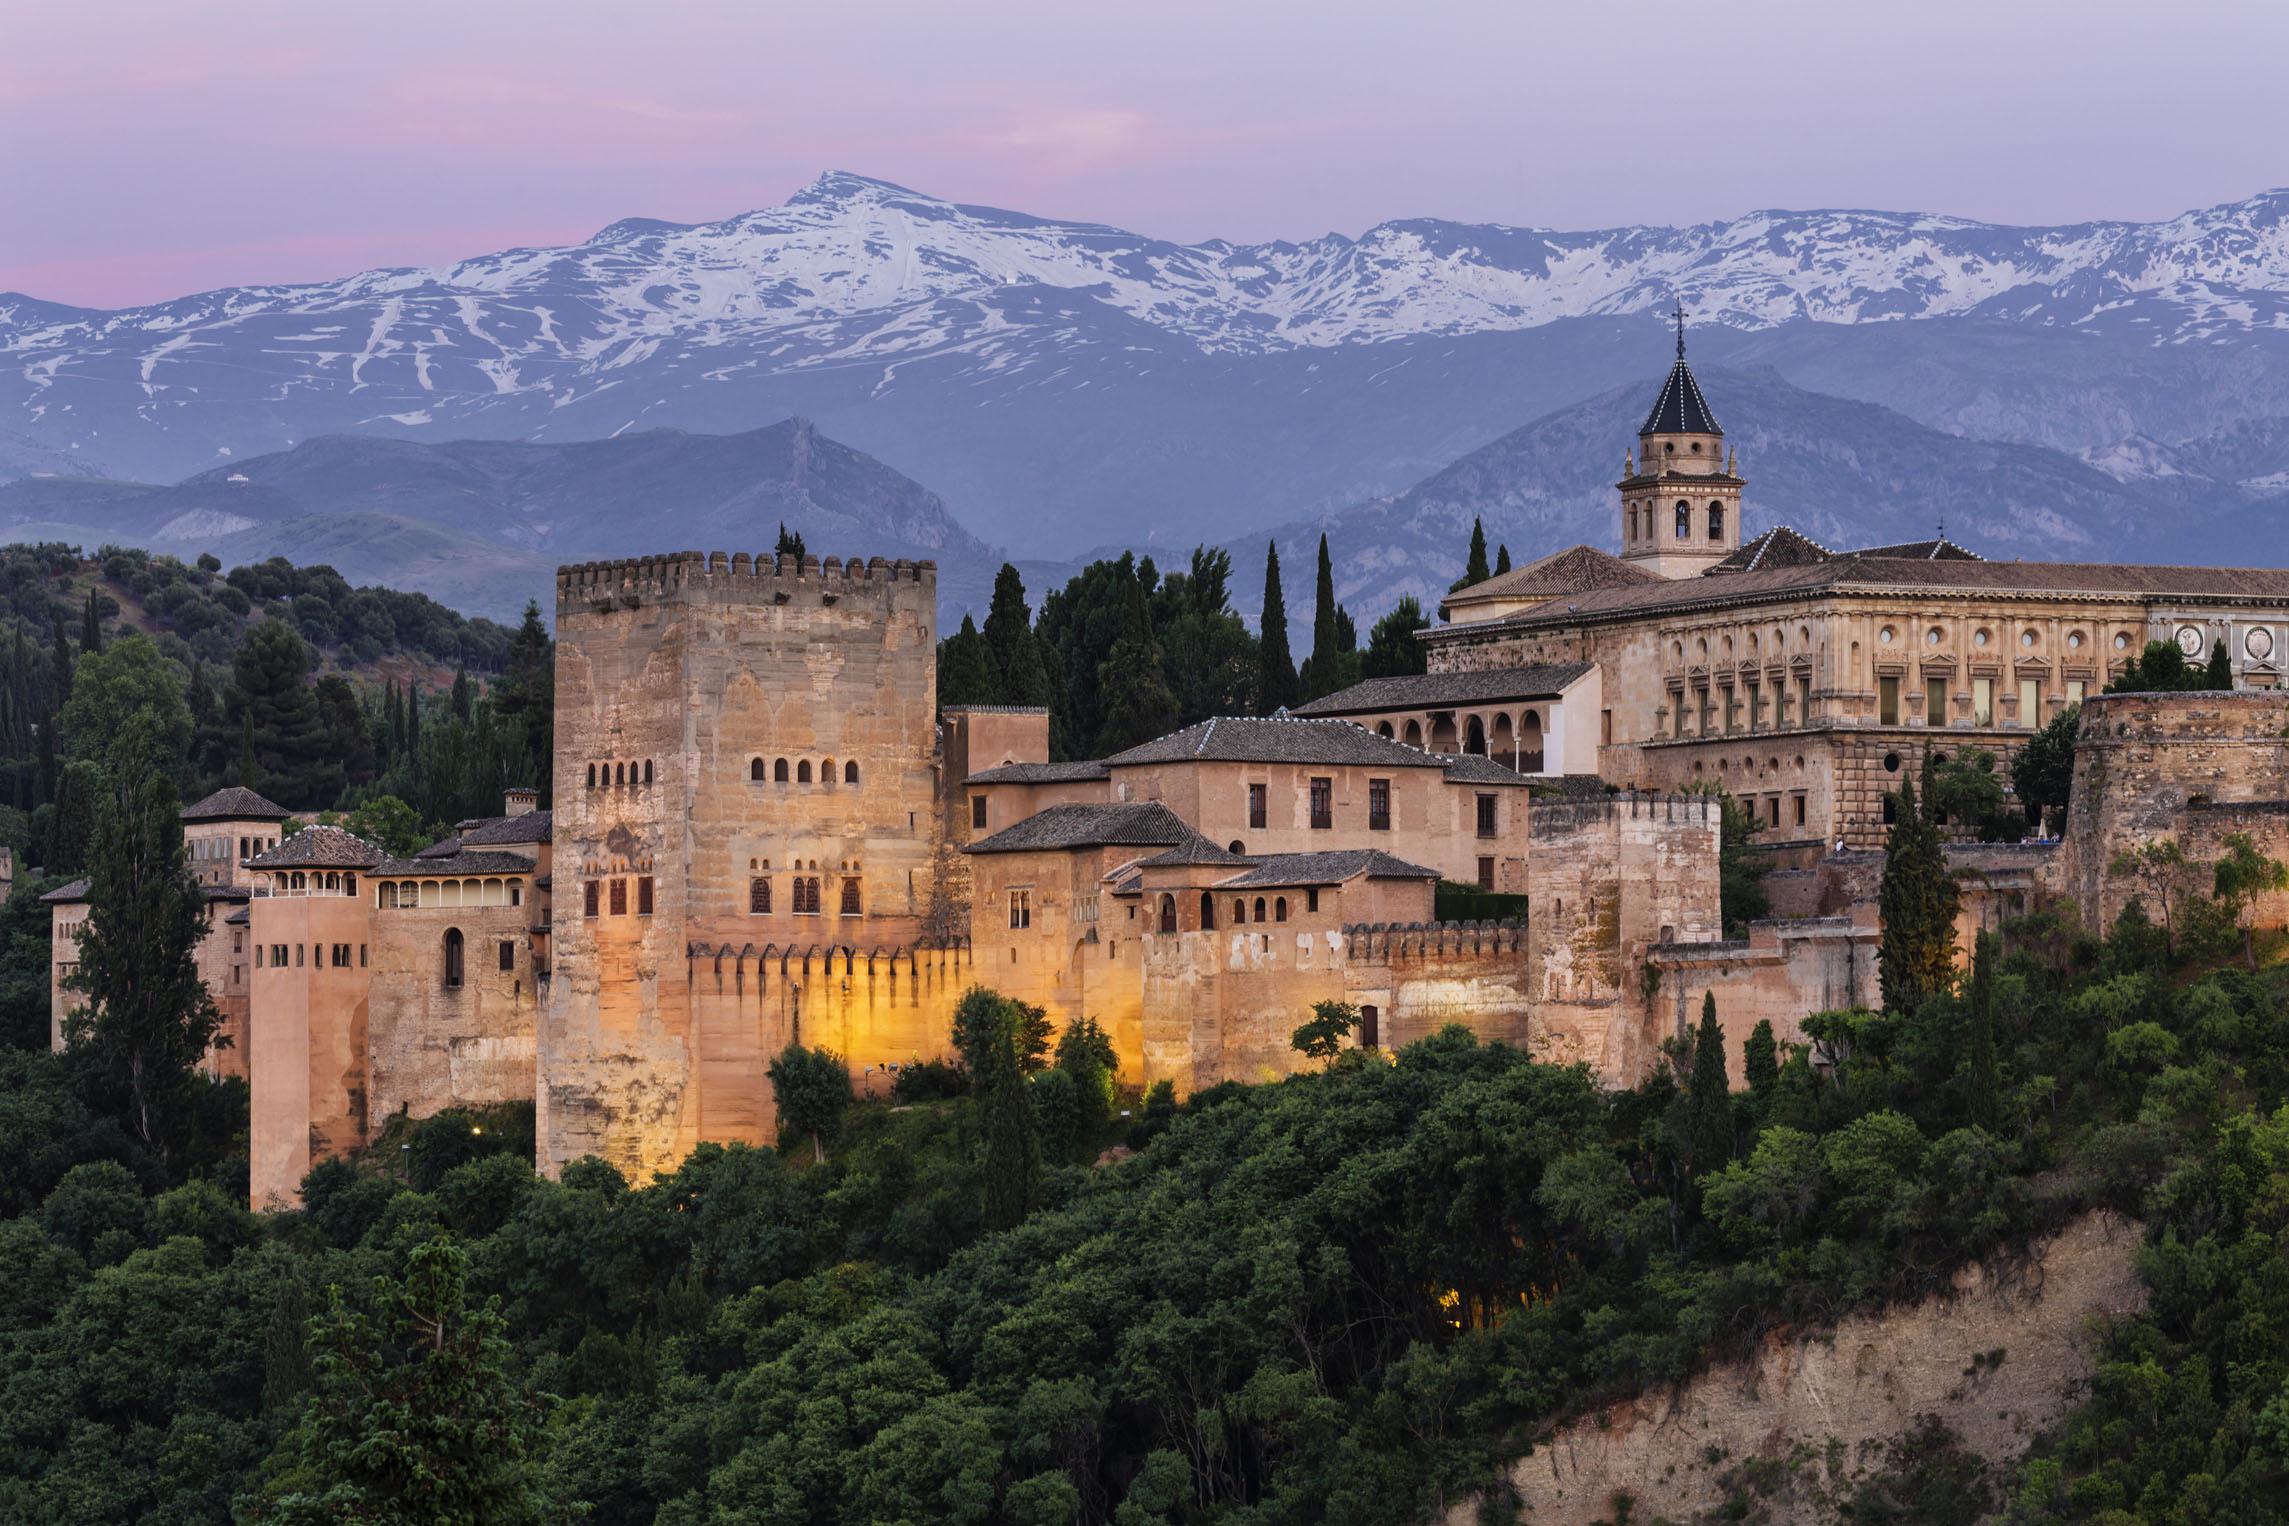 【】【浪漫南歐】西班牙葡萄牙全景16日游<全程四星 升級1完五星酒店 A01>